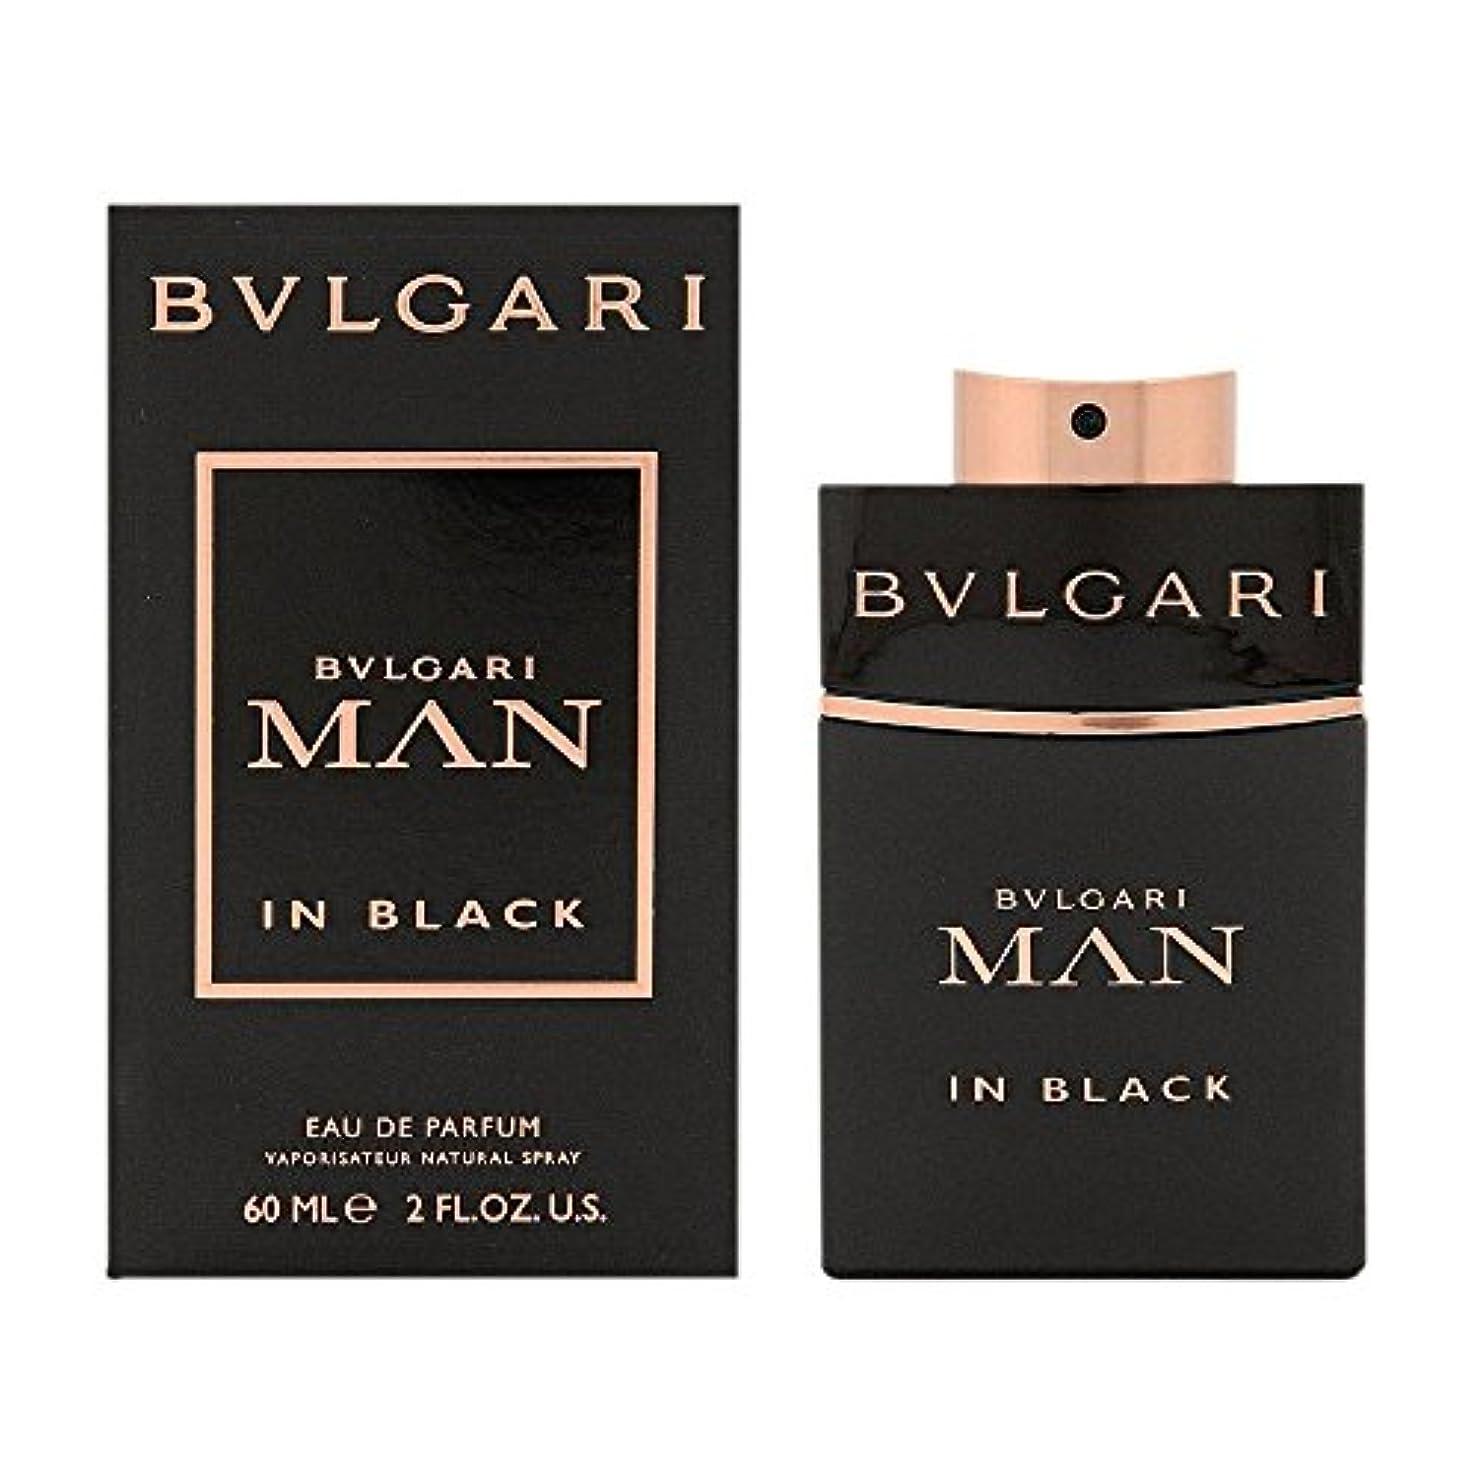 評論家テレビ局いくつかのブルガリ BVLGARI  ブルガリ マン イン ブラック EP SP 60ml